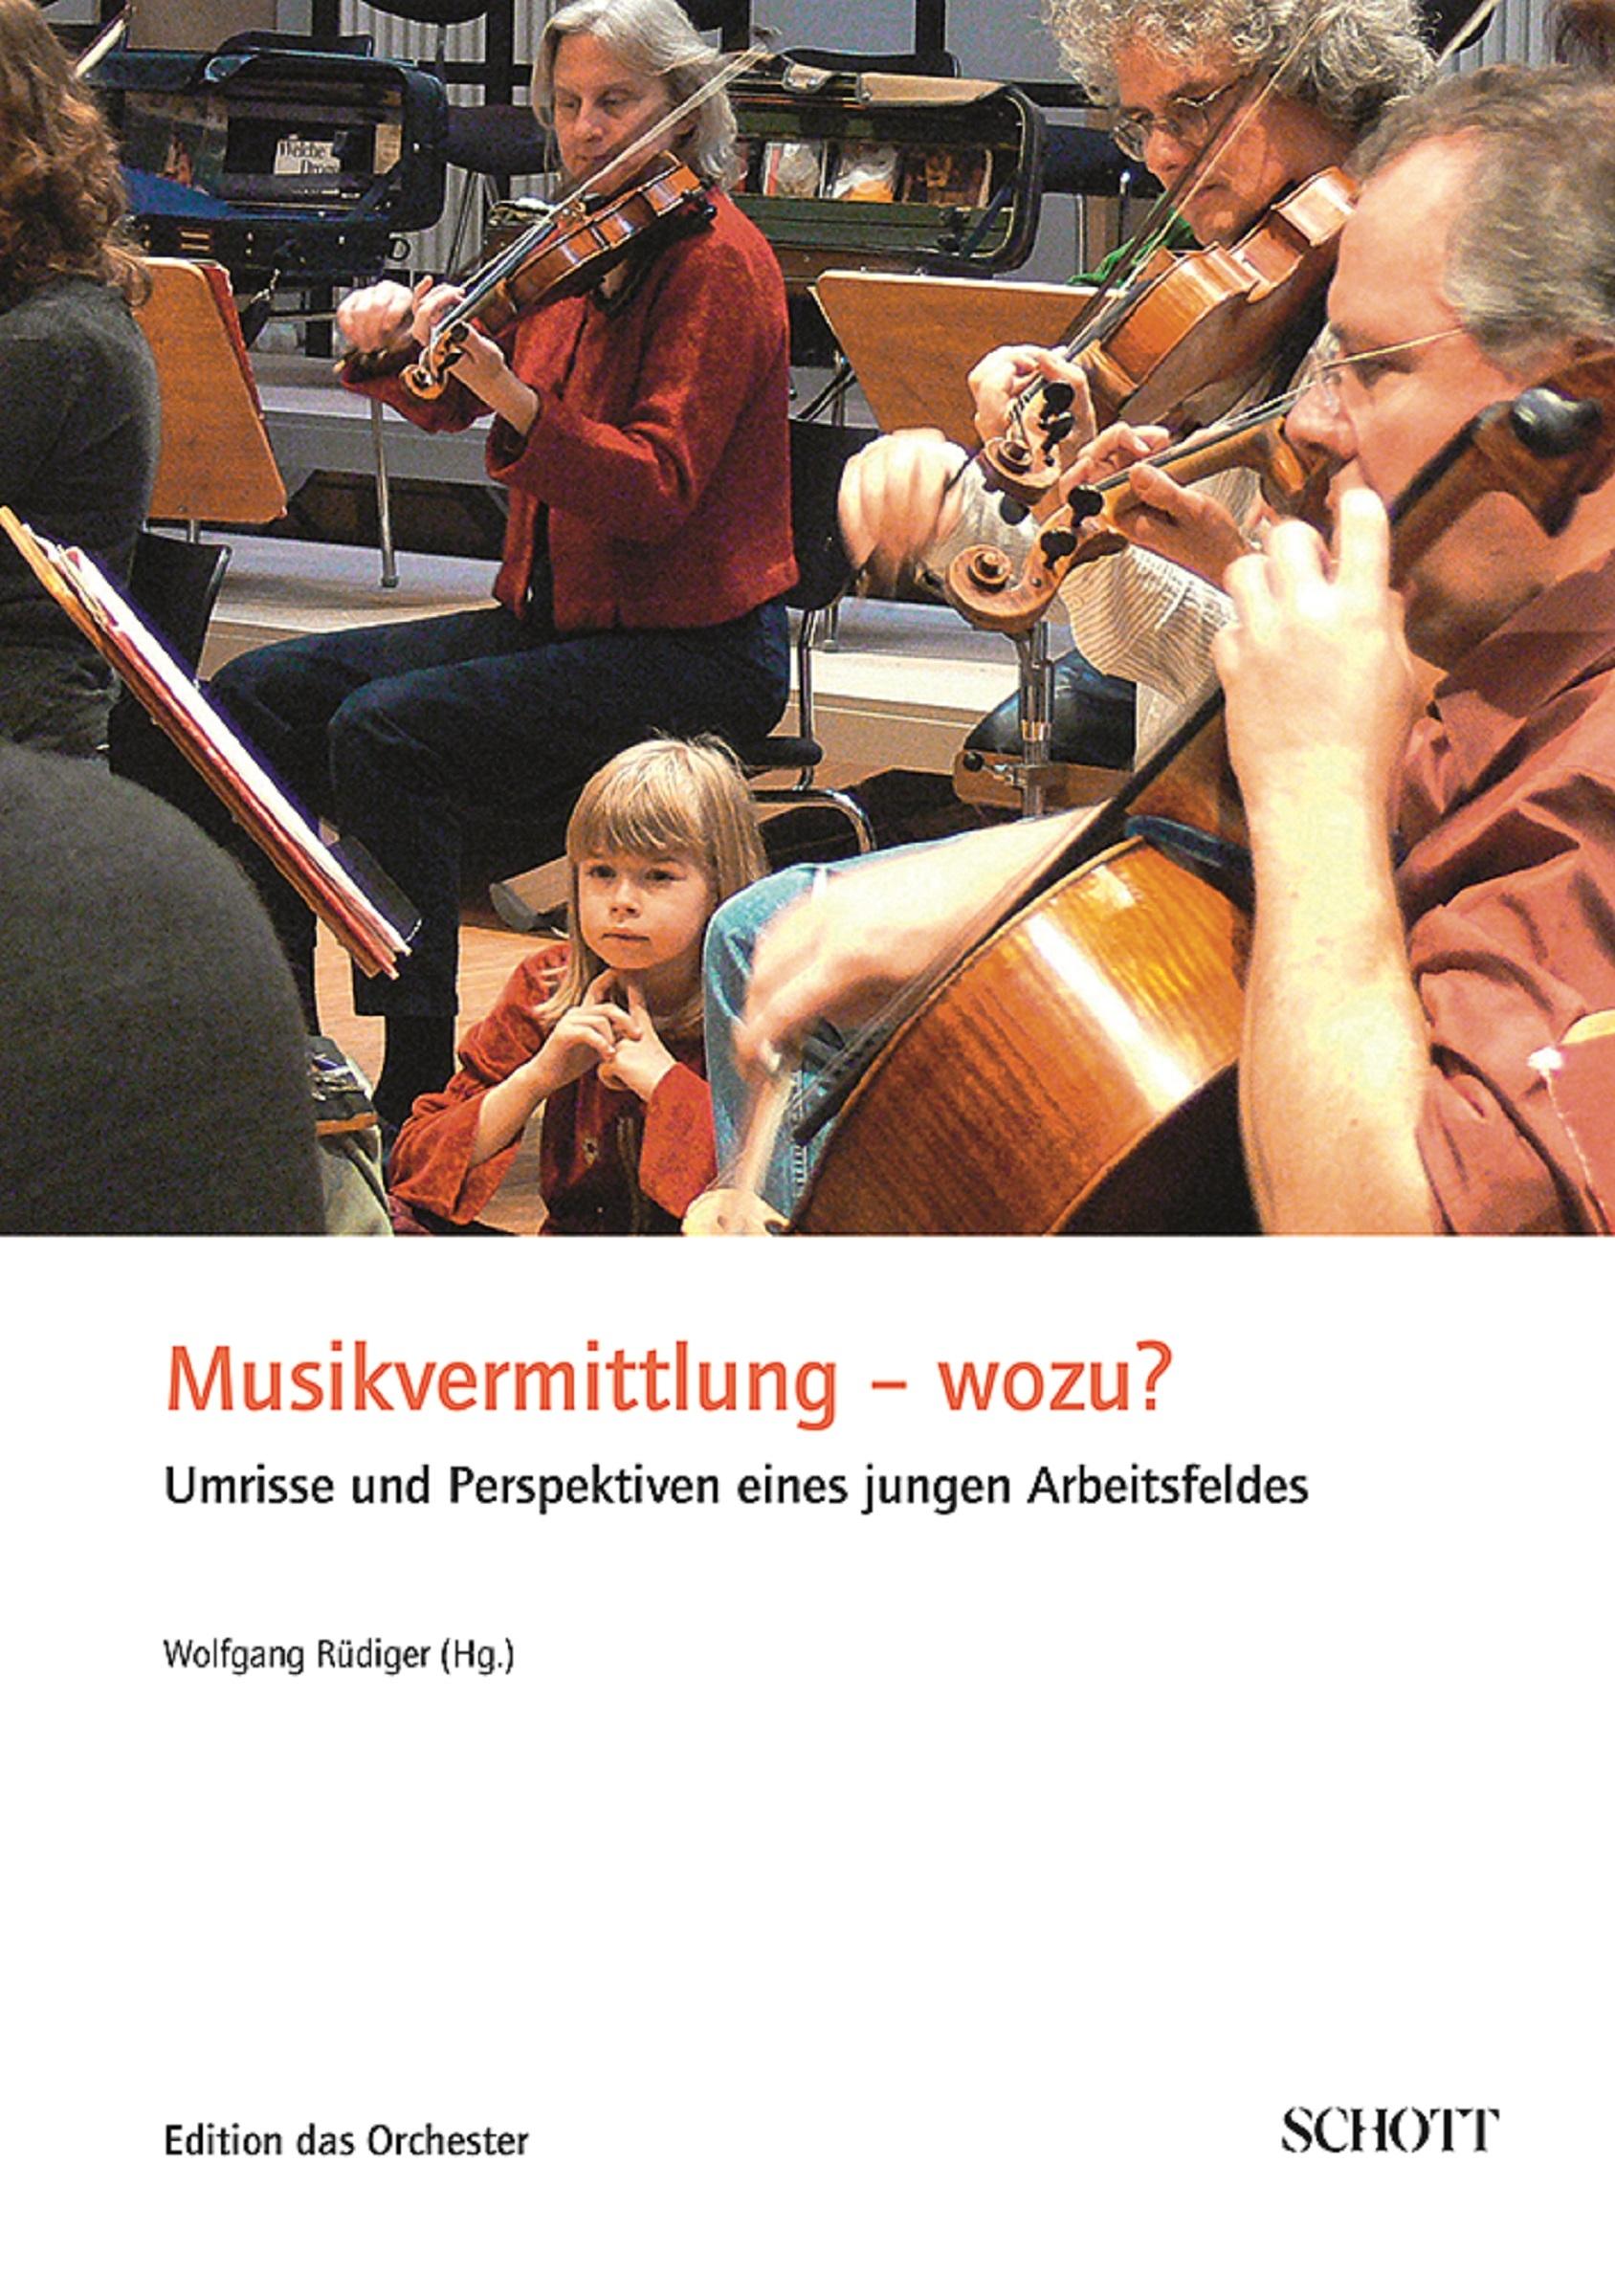 Wolfgang Rudiger Musikvermittlung - wozu? armin wolf wozu brauchen wir noch journalisten